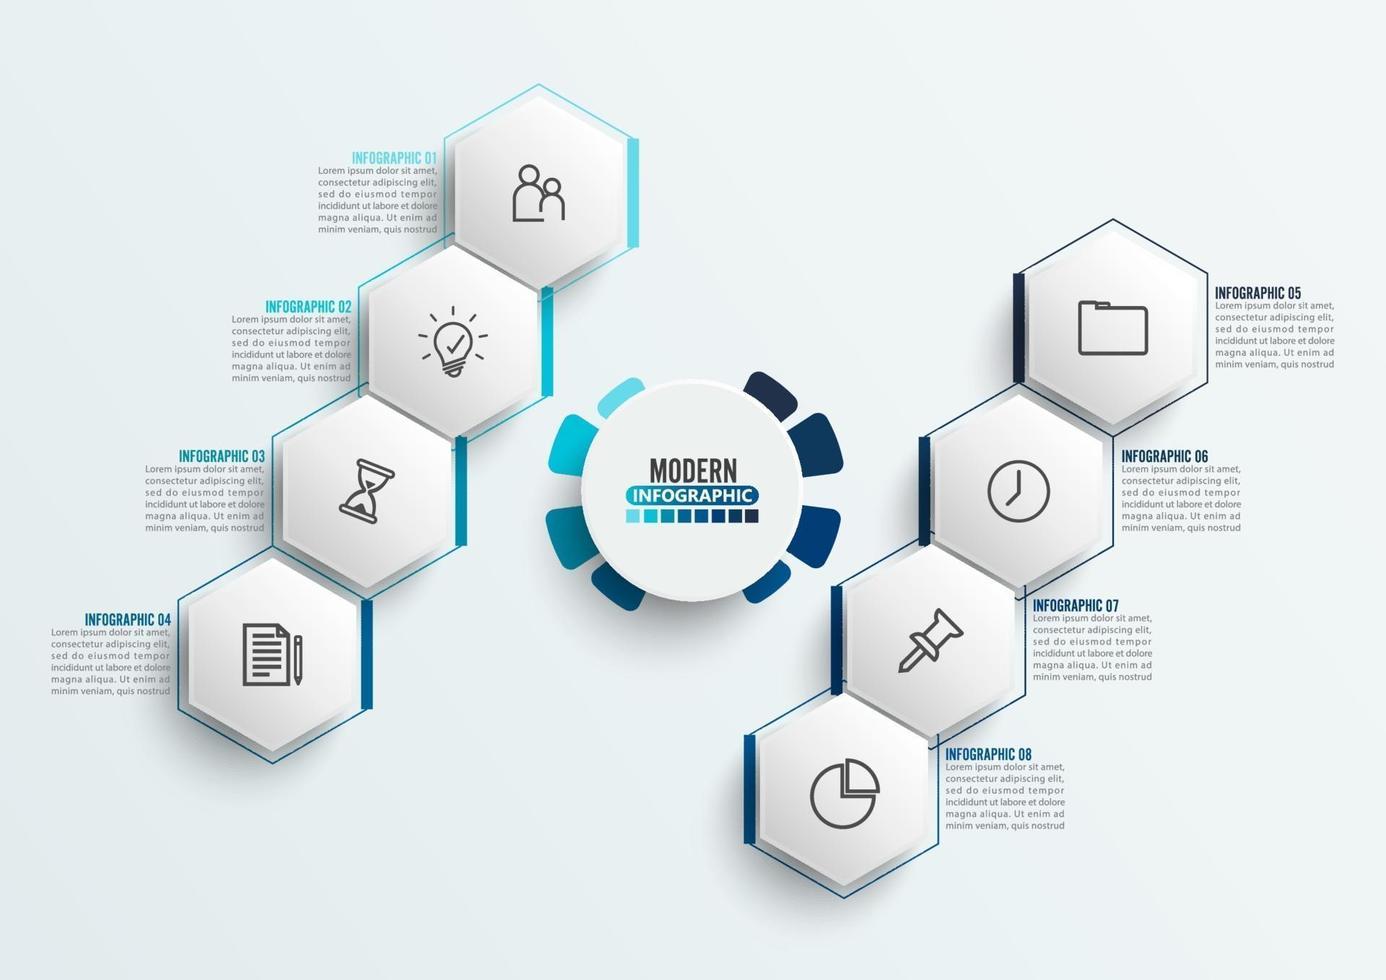 Vektor-Infografik-Vorlage mit 3D-Papieretikett, integrierte Kreise. Geschäftskonzept mit 8 Optionen. für Inhalt, Diagramm, Flussdiagramm, Schritte, Teile, Zeitleisten-Infografiken, Workflow, Diagramm. vektor